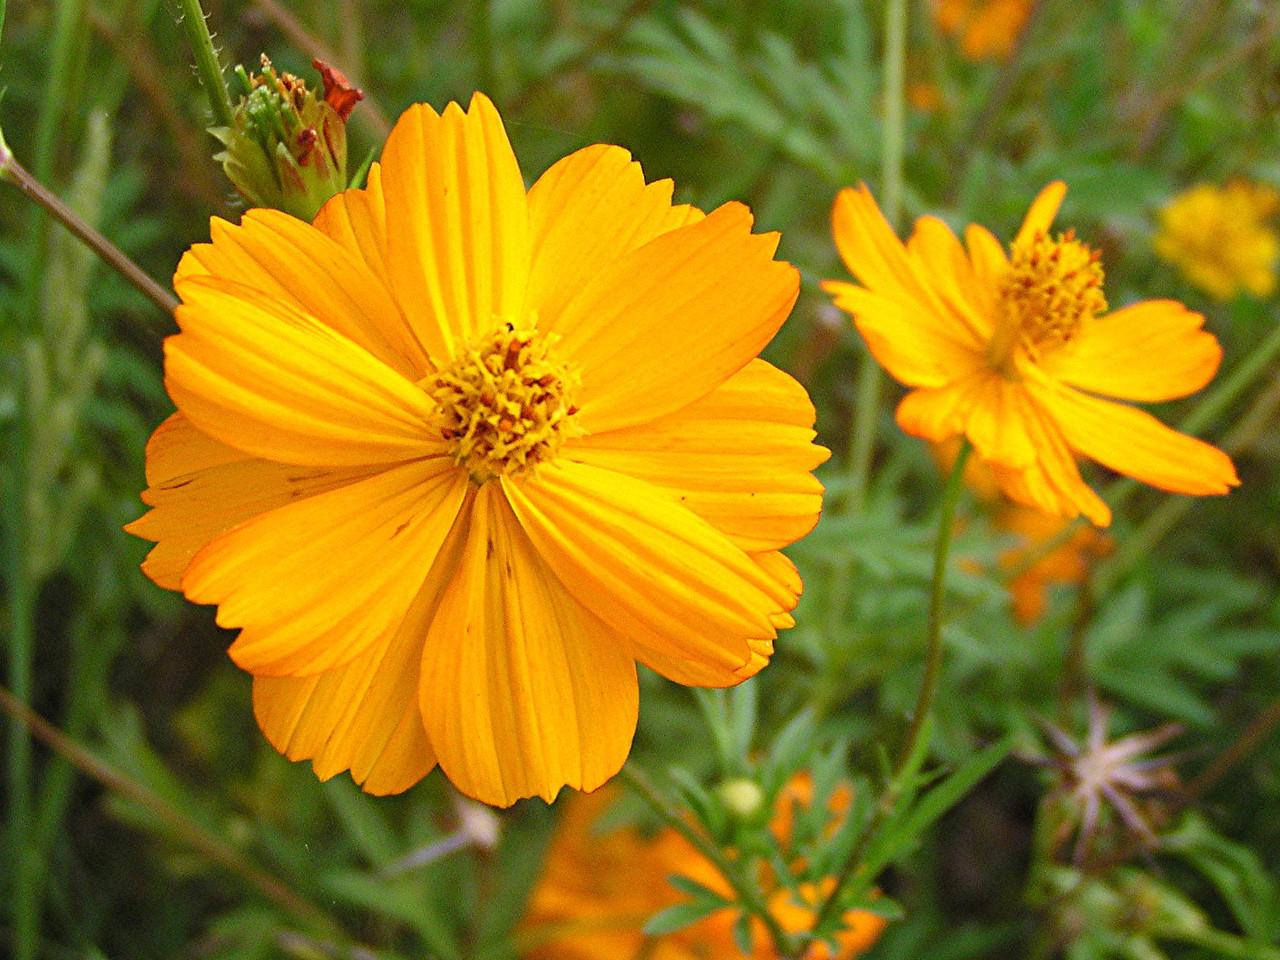 Yellow Cosmos - Baytown Nature Center, Baytown, TX